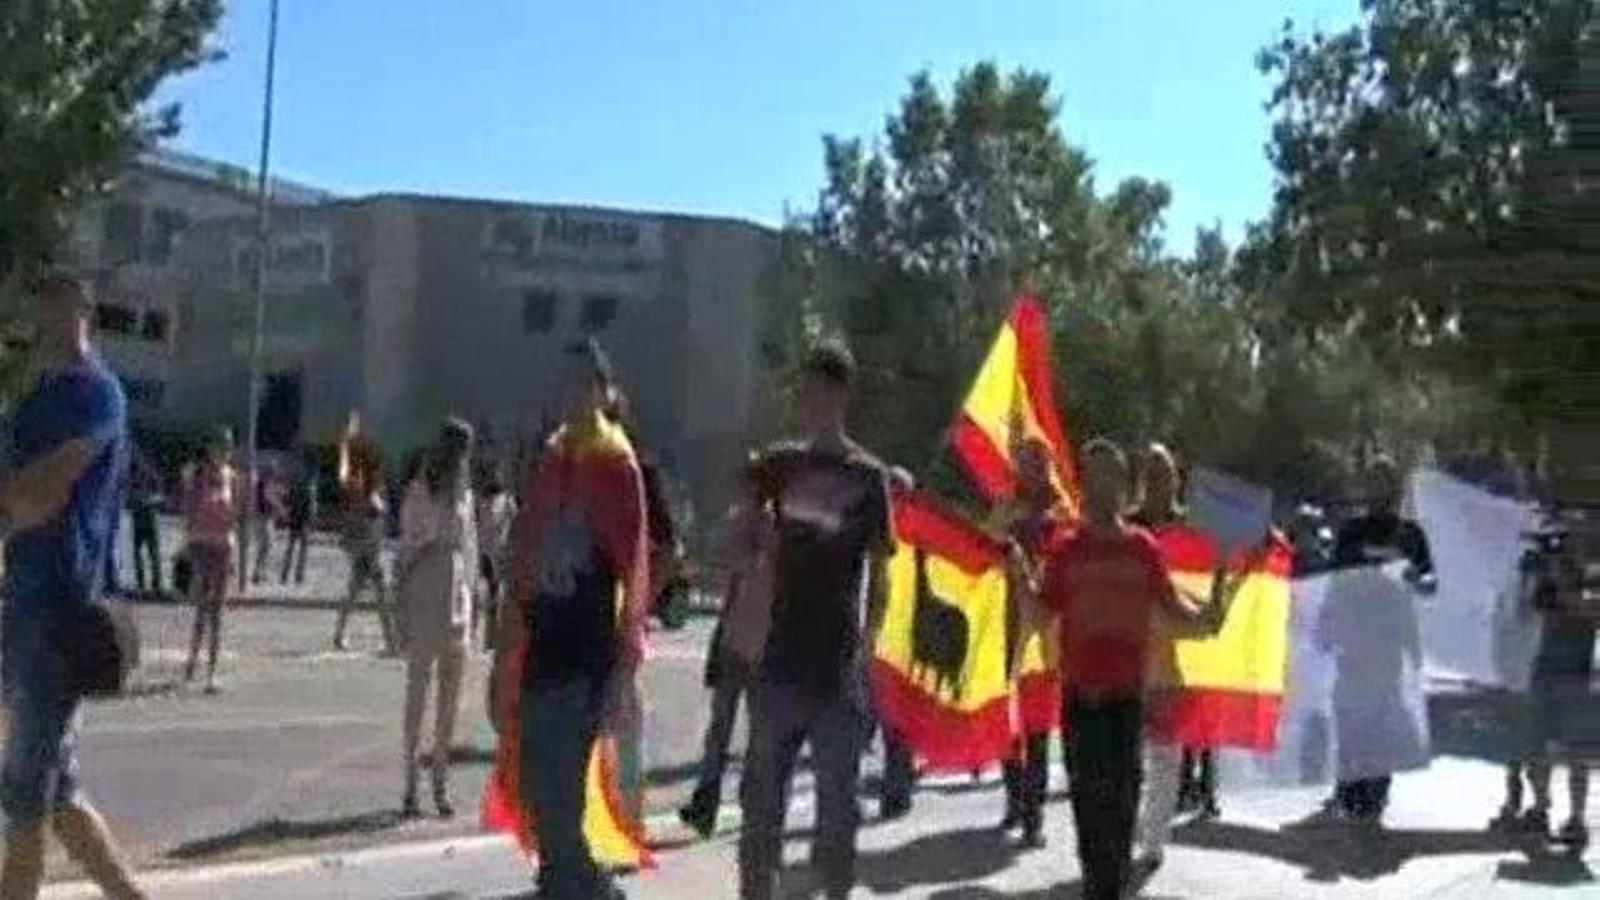 Fora el drap separatista!: concentració a Mataró contra una estelada